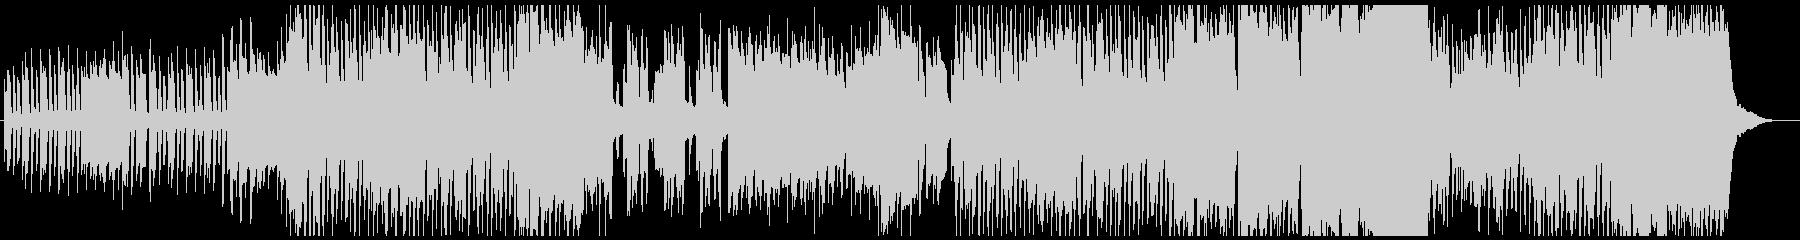 アップテンポでかわいいオカリナ曲の未再生の波形